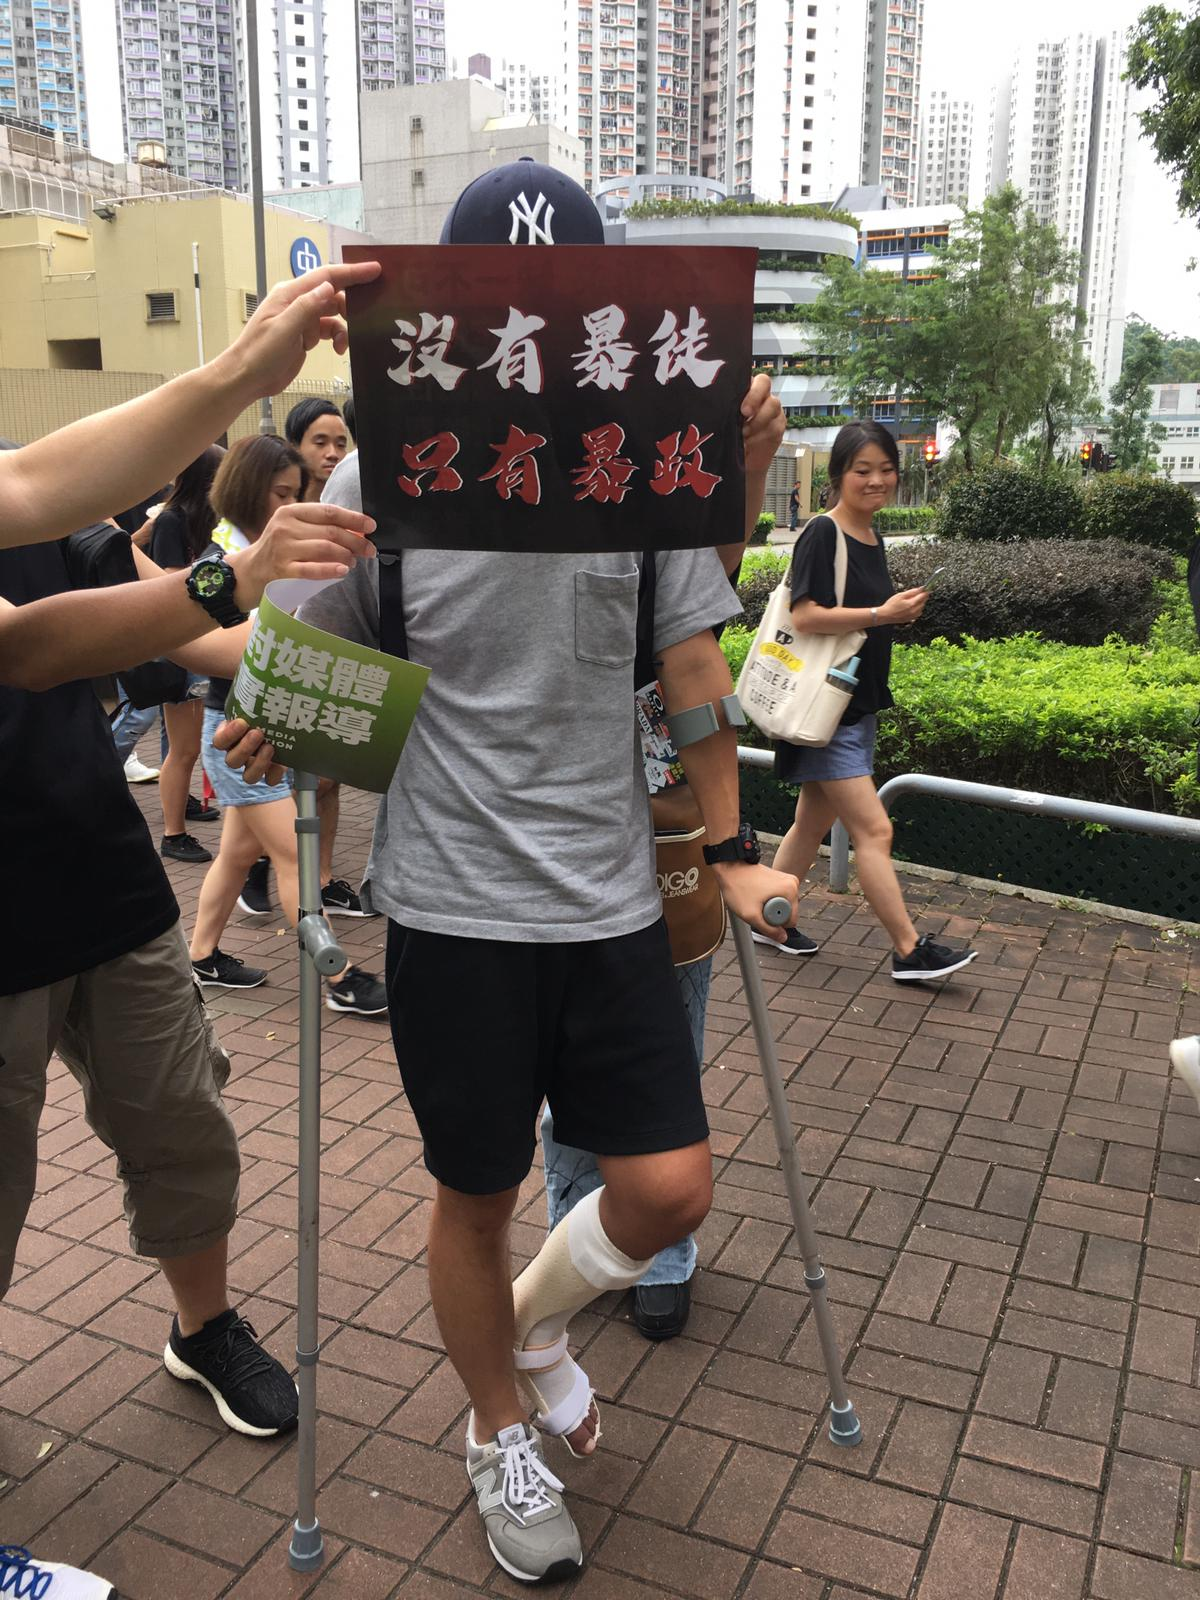 患有腳傷的市民Dicky持拐杖參與遊行。